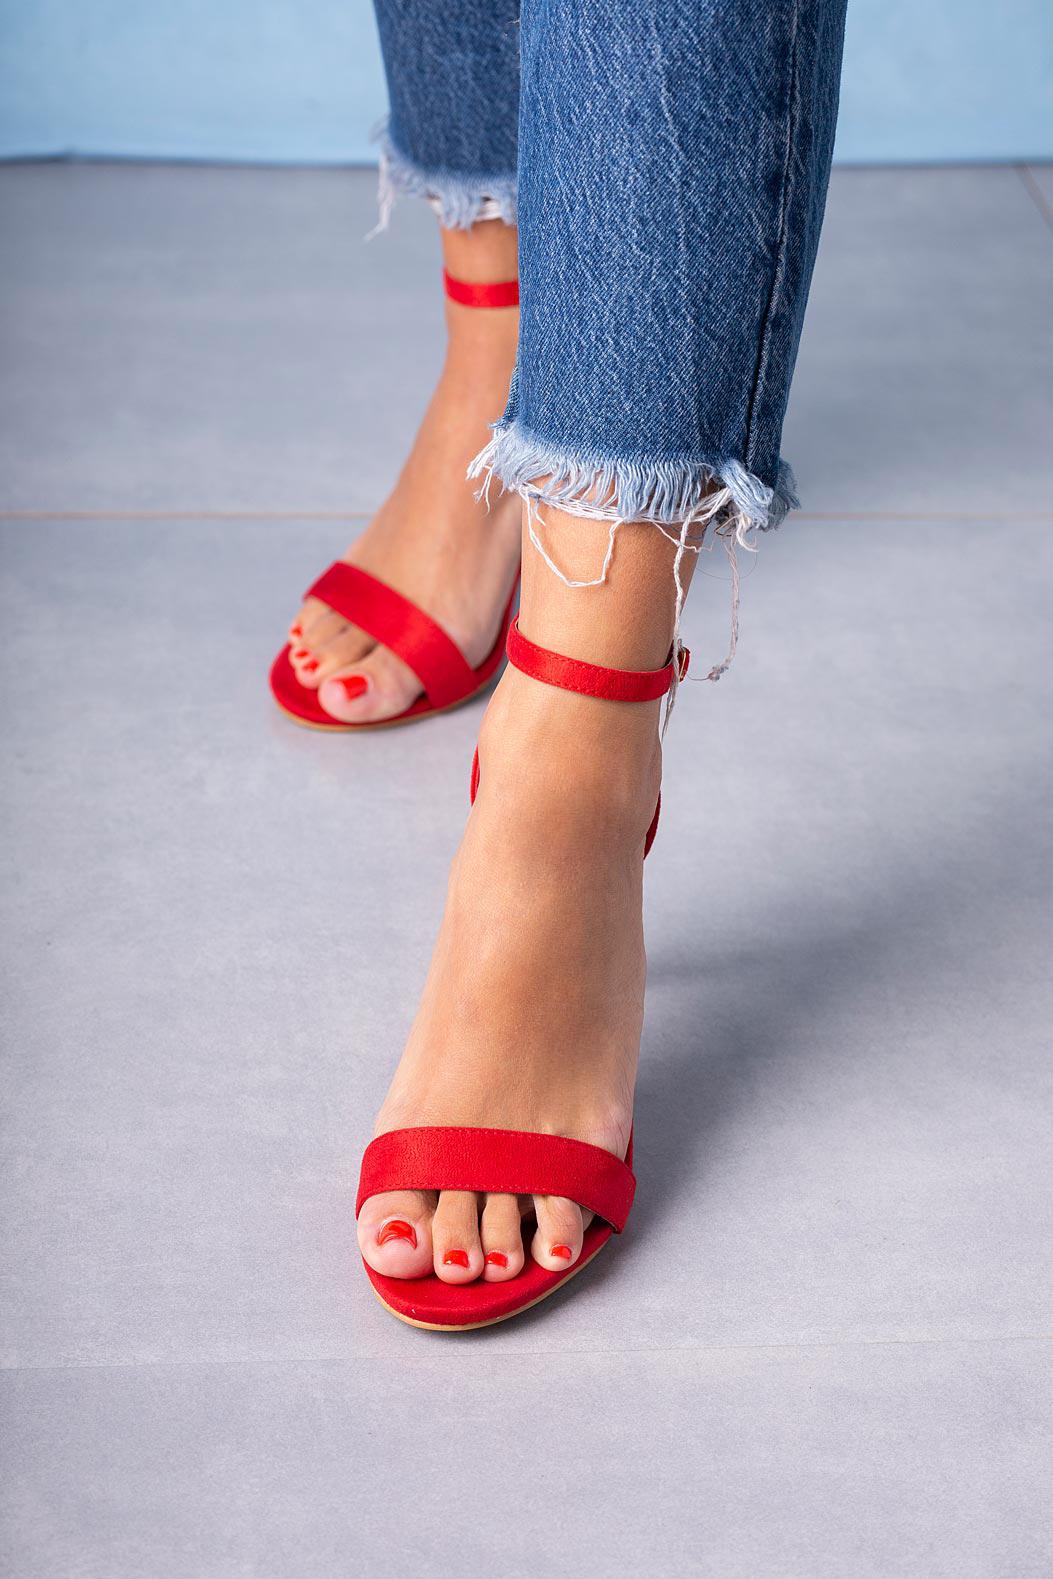 Czerwone sandały szpilki z zakrytą piętą paskiem wokół kostki ze skórzaną wkładką Casu A20X2/R czerwony